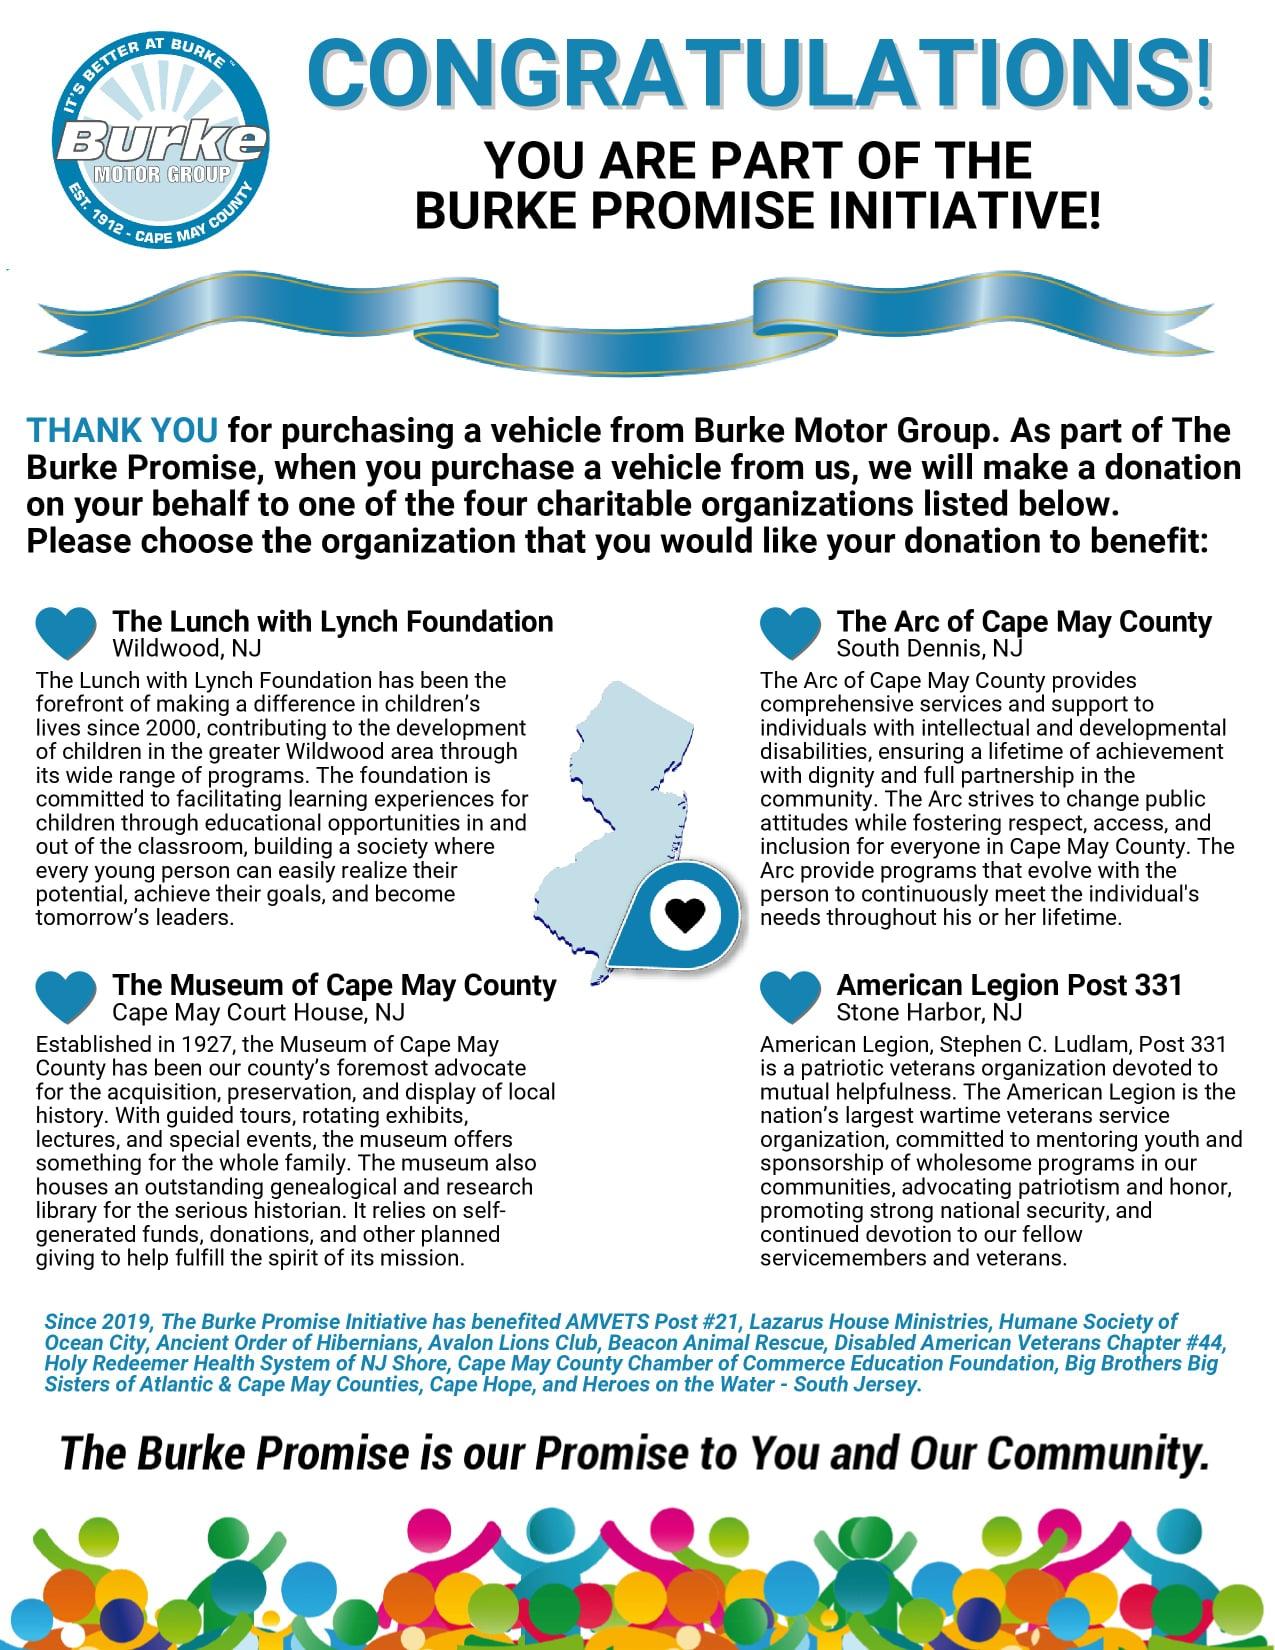 3American Legion Post 331 Recipient of Burke Promise Initiative